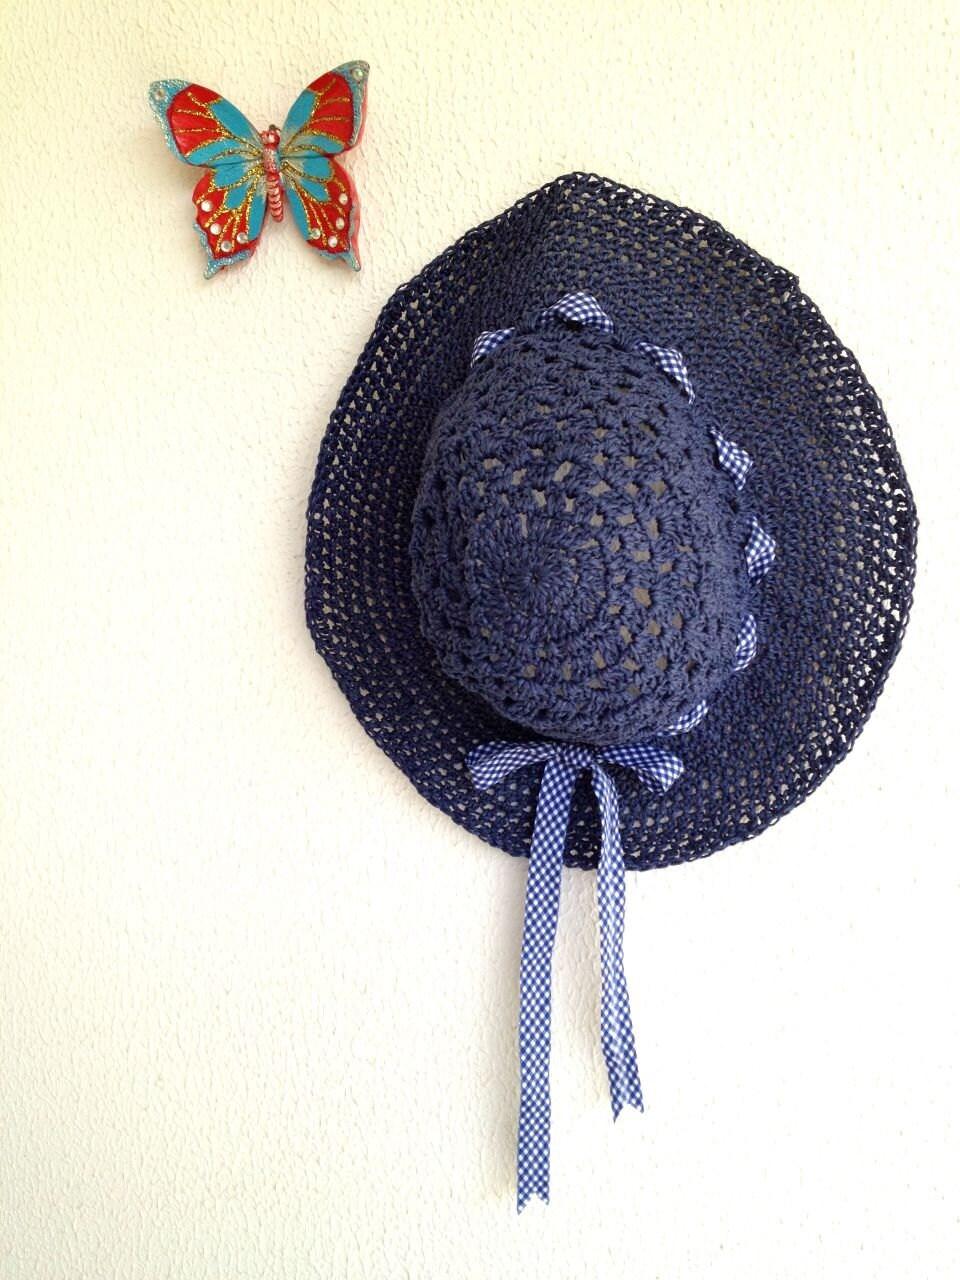 Adjustable Crocheted natural raffia Dark Blue navy Indigo Summer Sun Hat With White navy plaid Ribbon - cookieletta